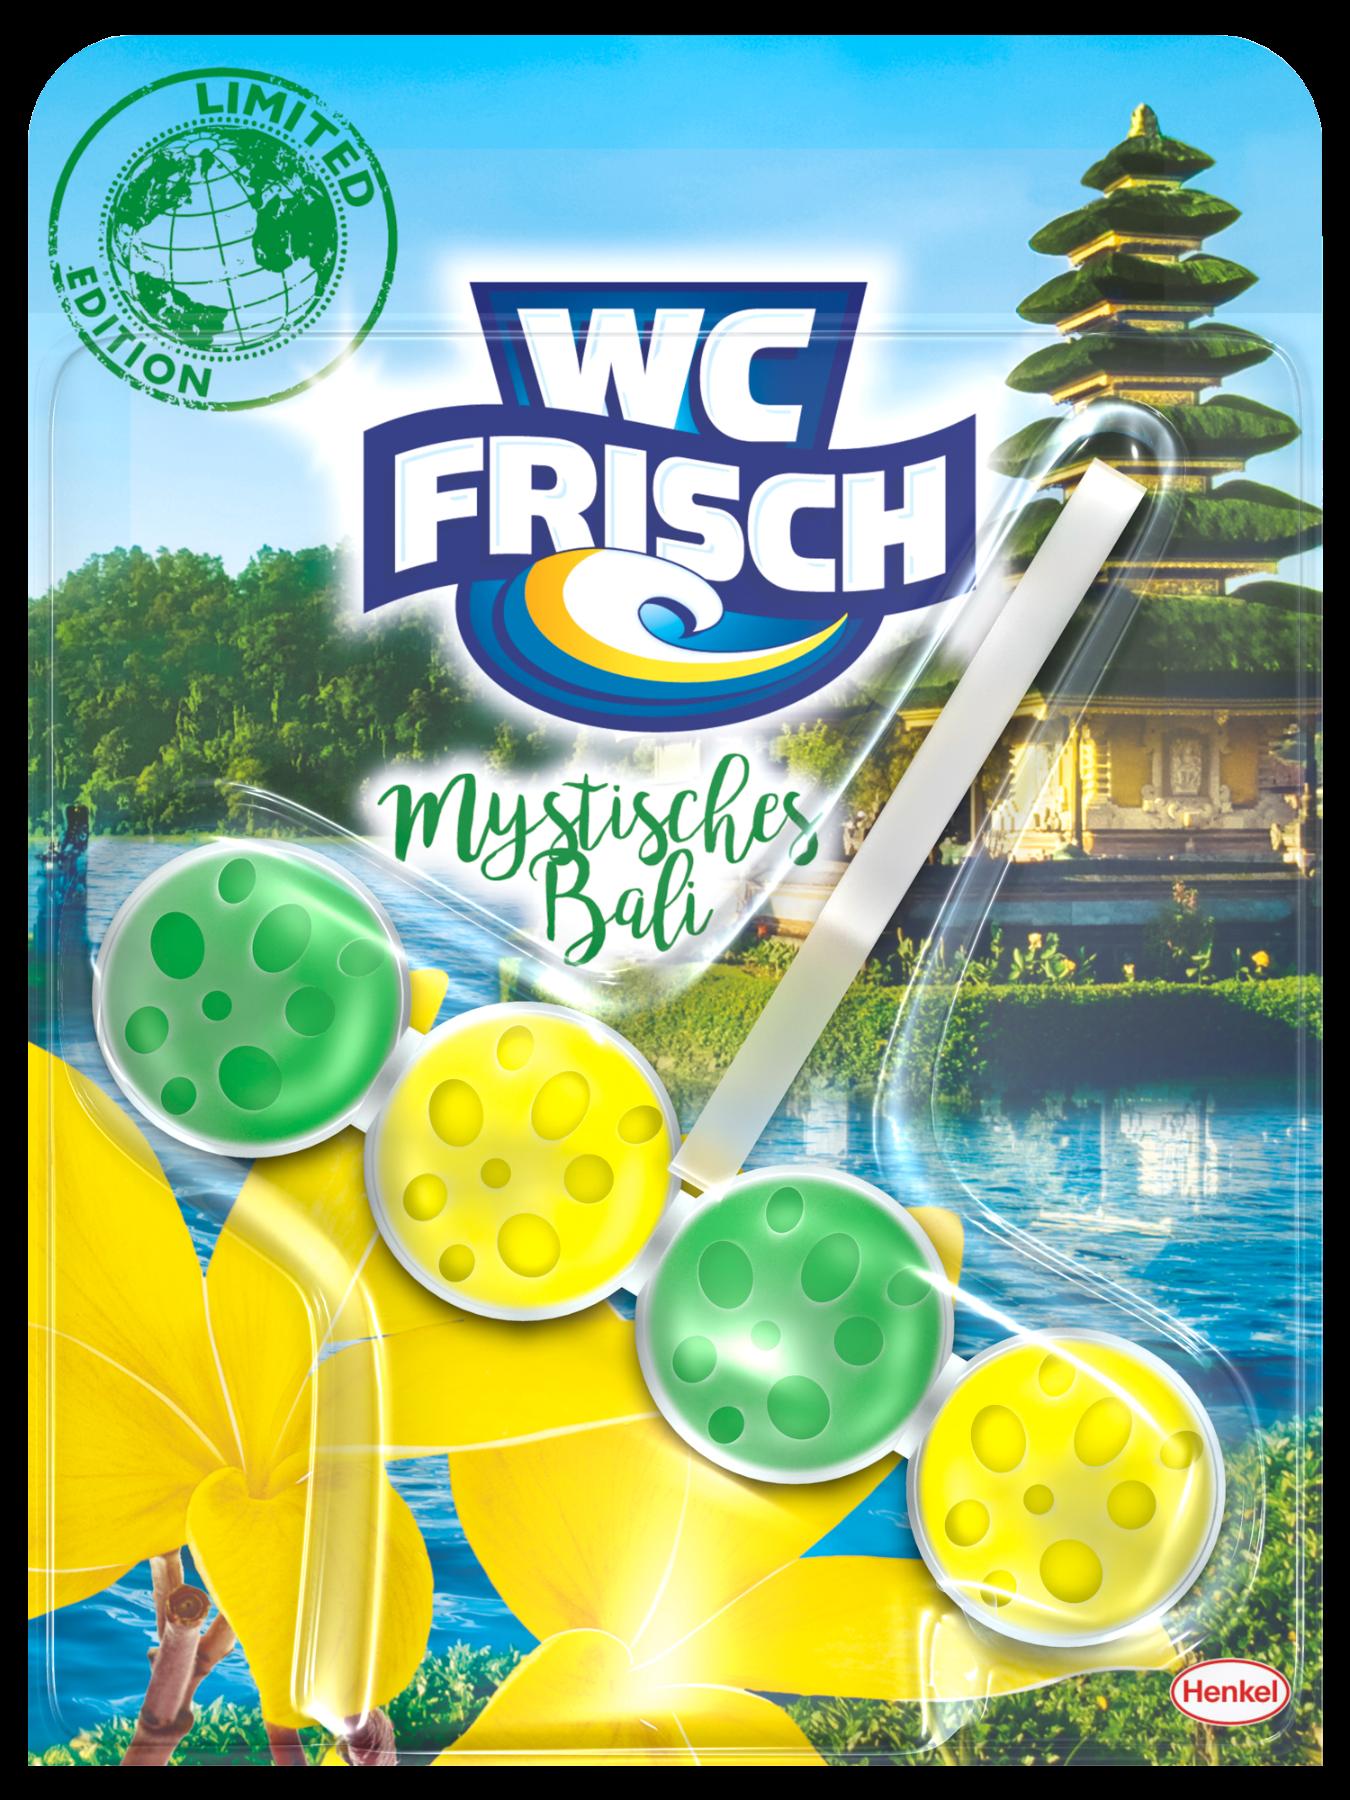 Die neue WC Frisch Limited Edition mit der Version Mystisches Bali